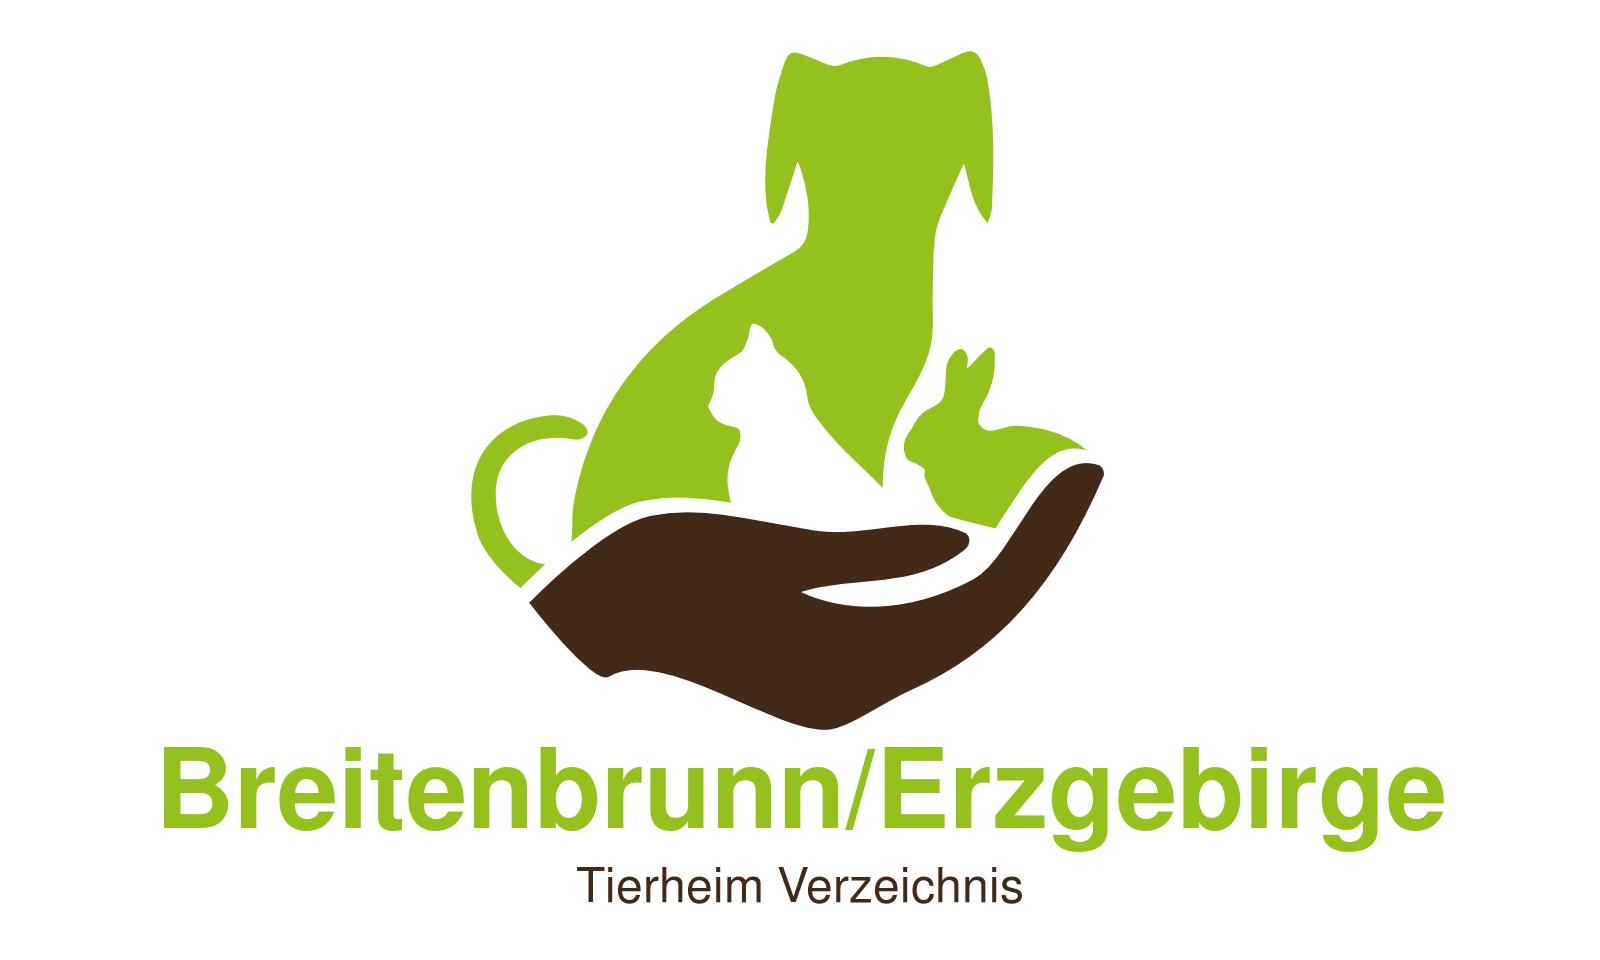 Tierheim Breitenbrunn/Erzgebirge